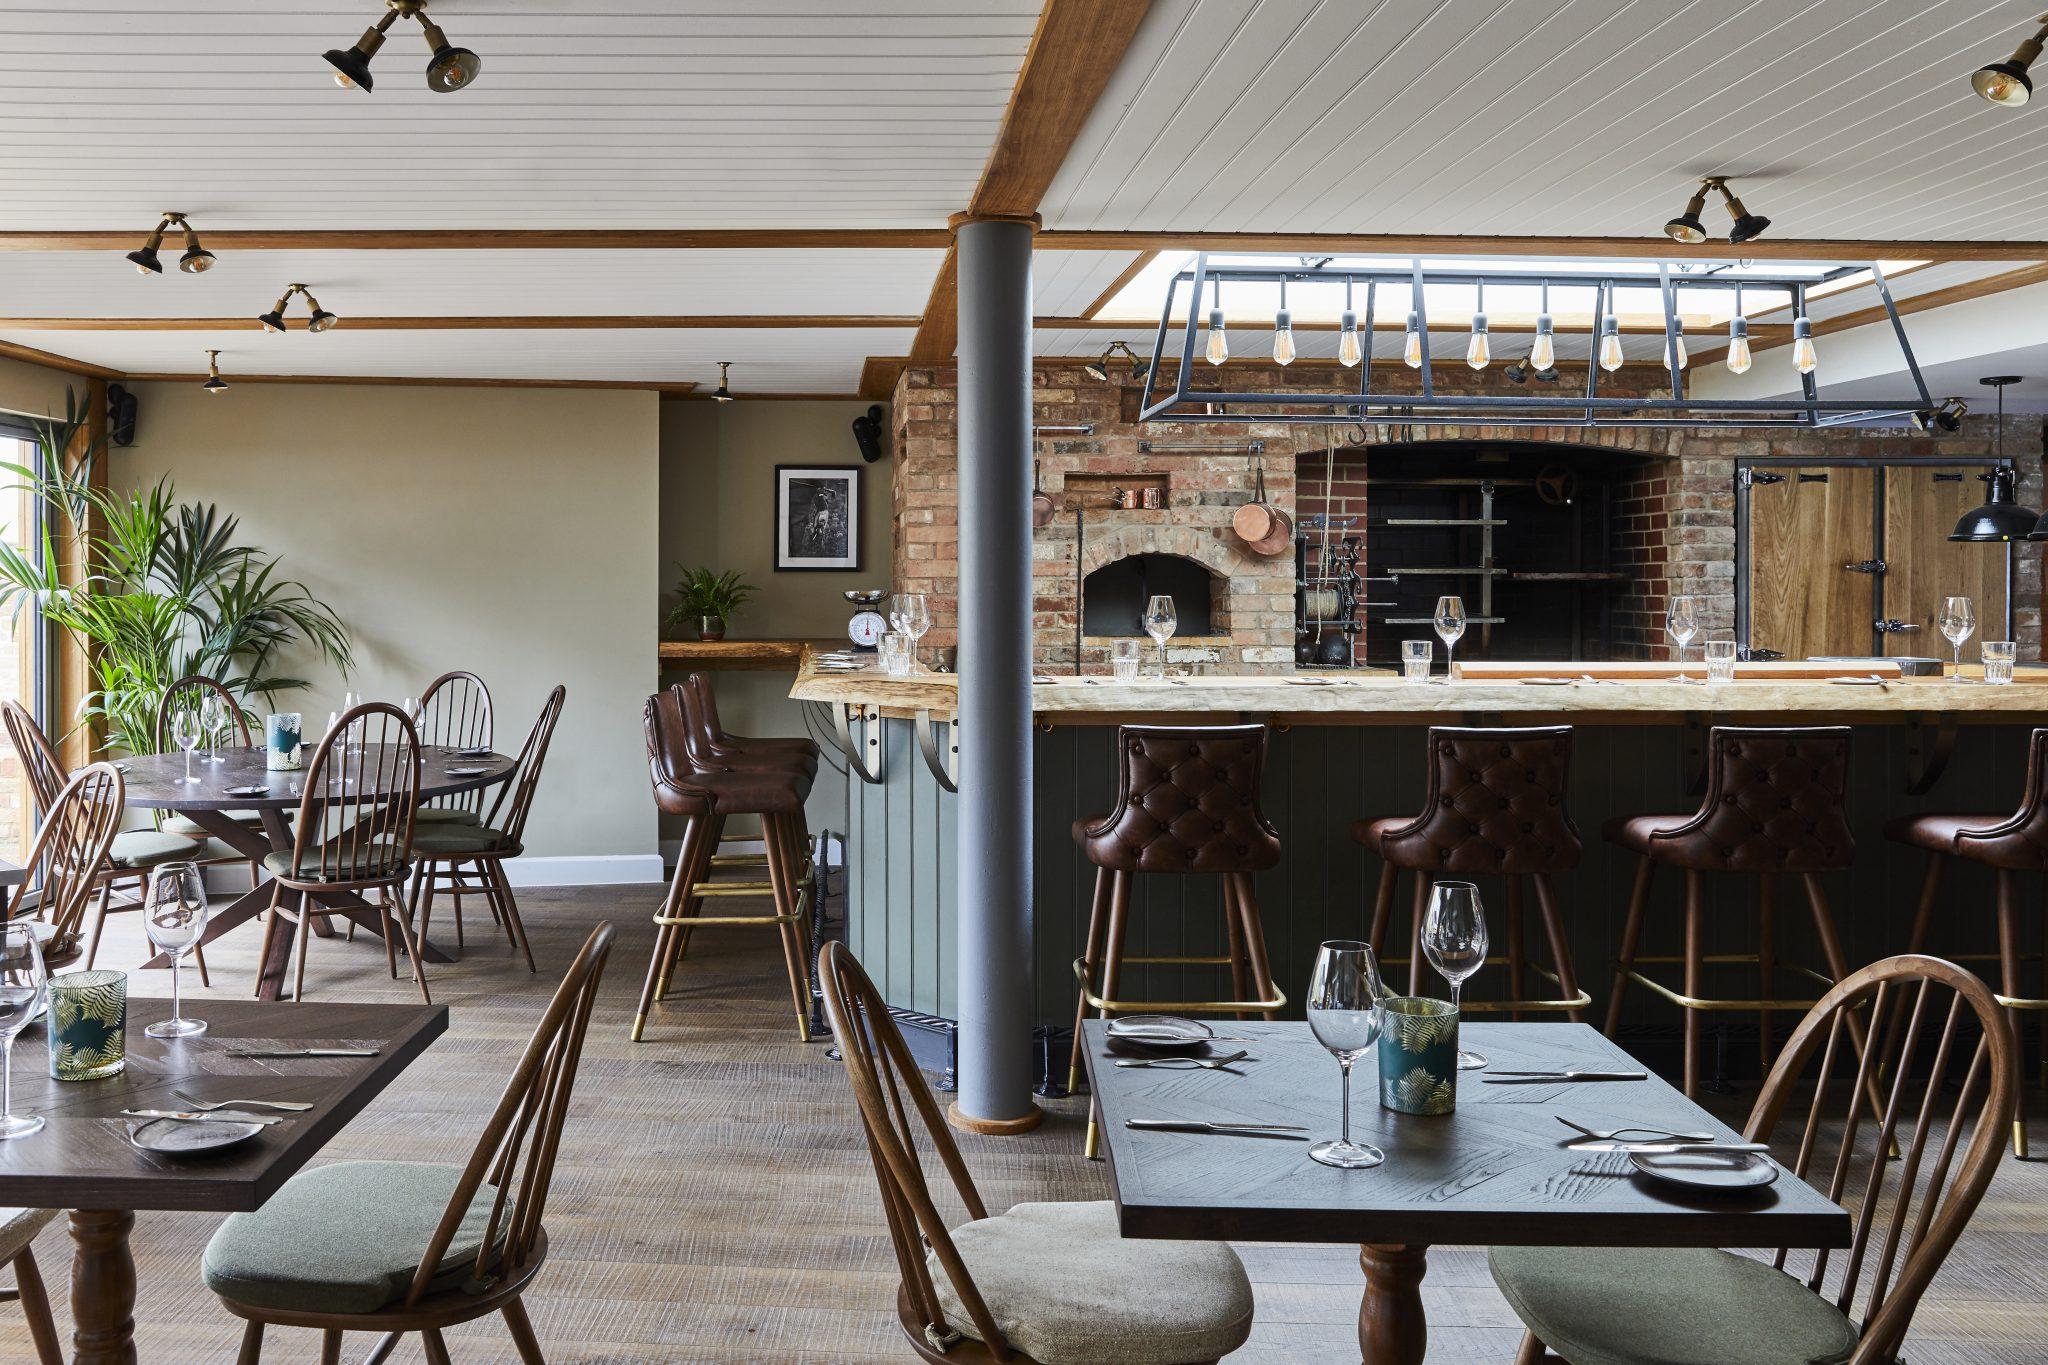 The Woodsman Restaurant Stratford-upon-Avon interior